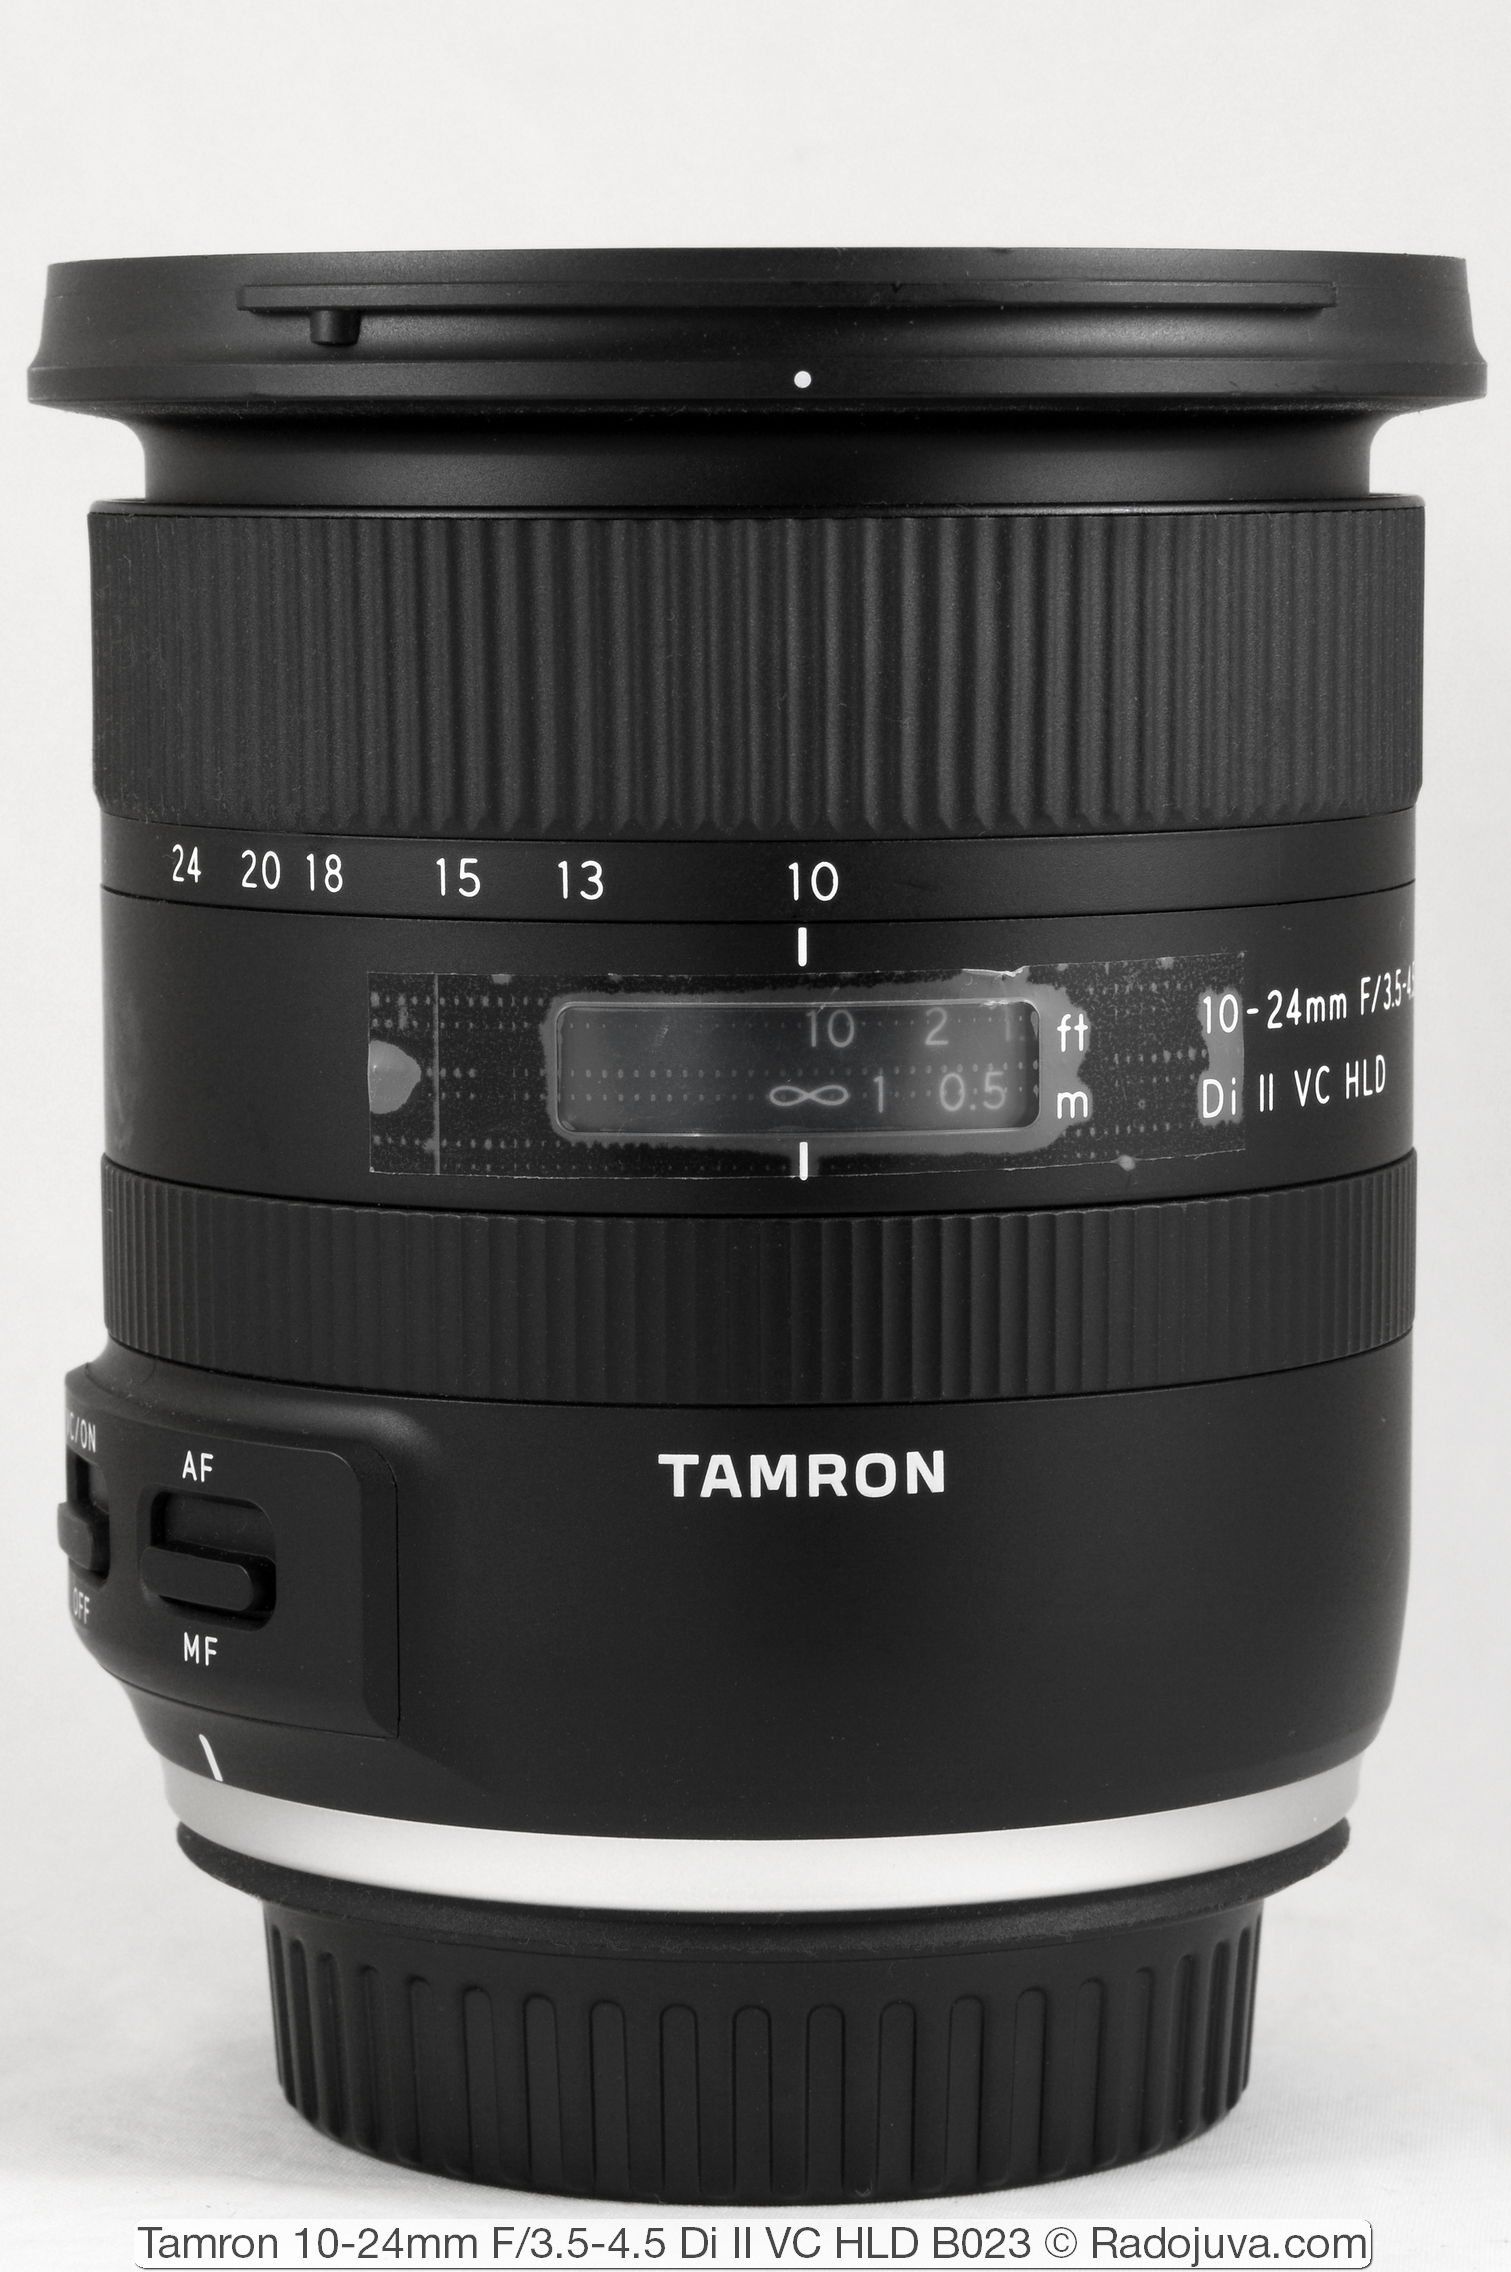 Tamron 10-24mm F/3.5-4.5 Di II VC HLD B023